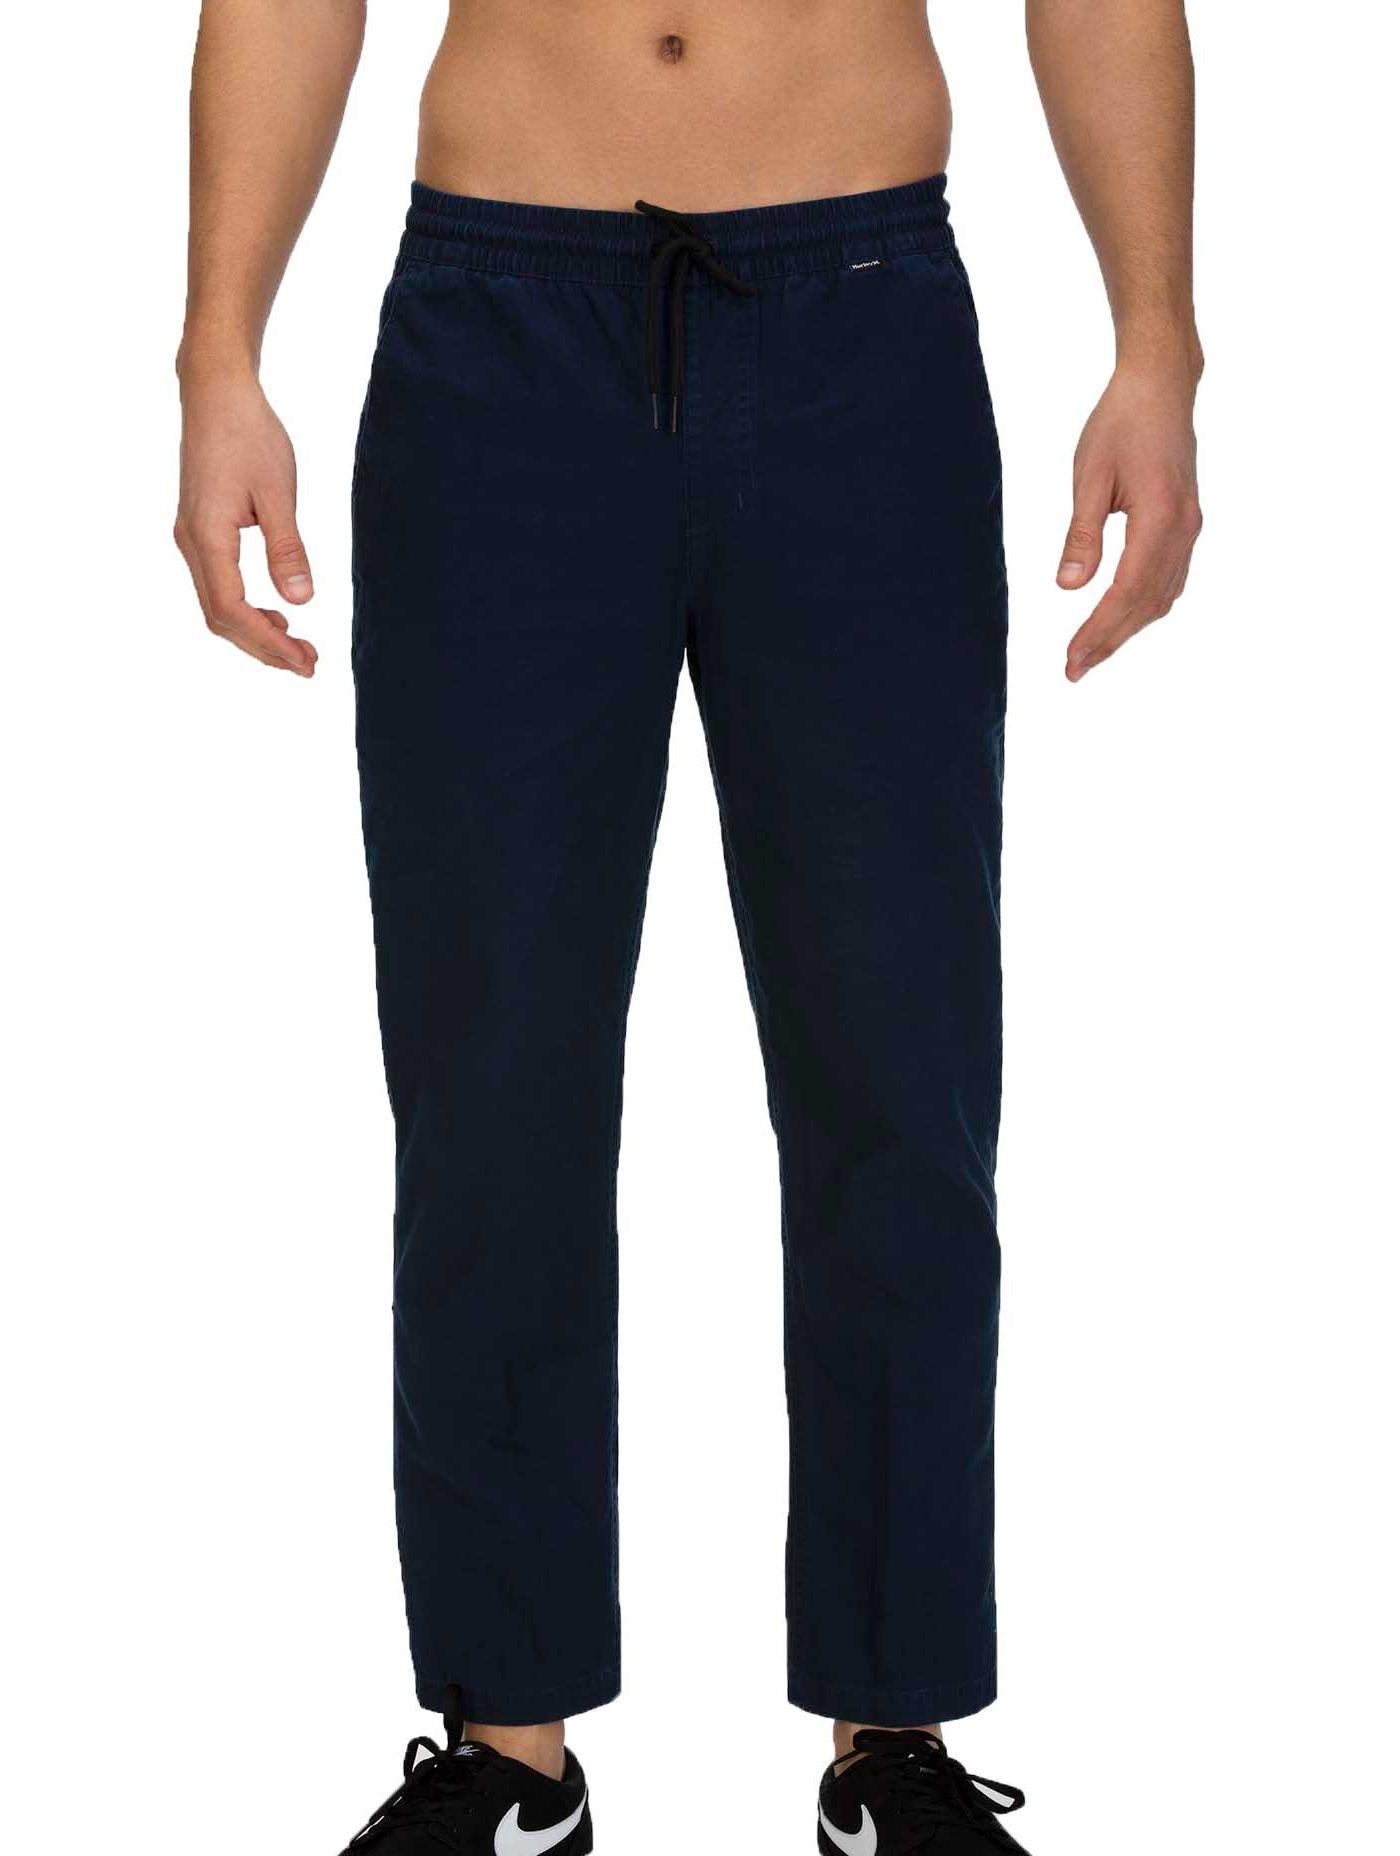 Hurley Men's Port Elastic Crop Pants